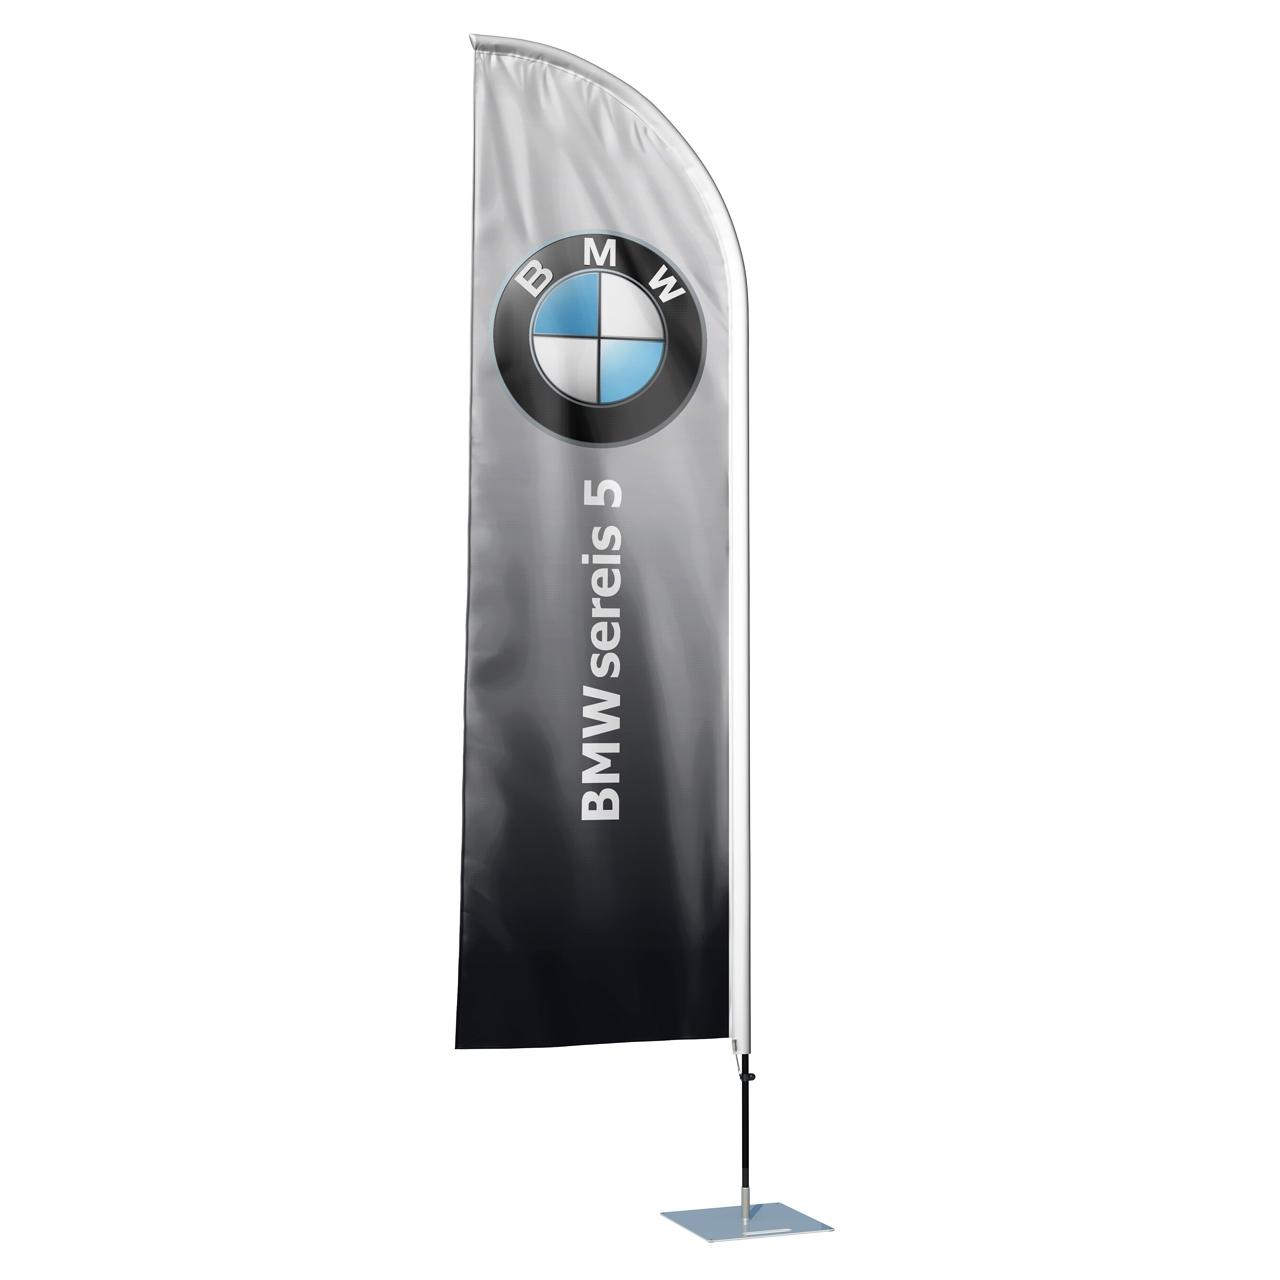 پرچم تبلیغاتی و ساحلی طرح کمپانی BMW مدل بادبانی کد SP1116